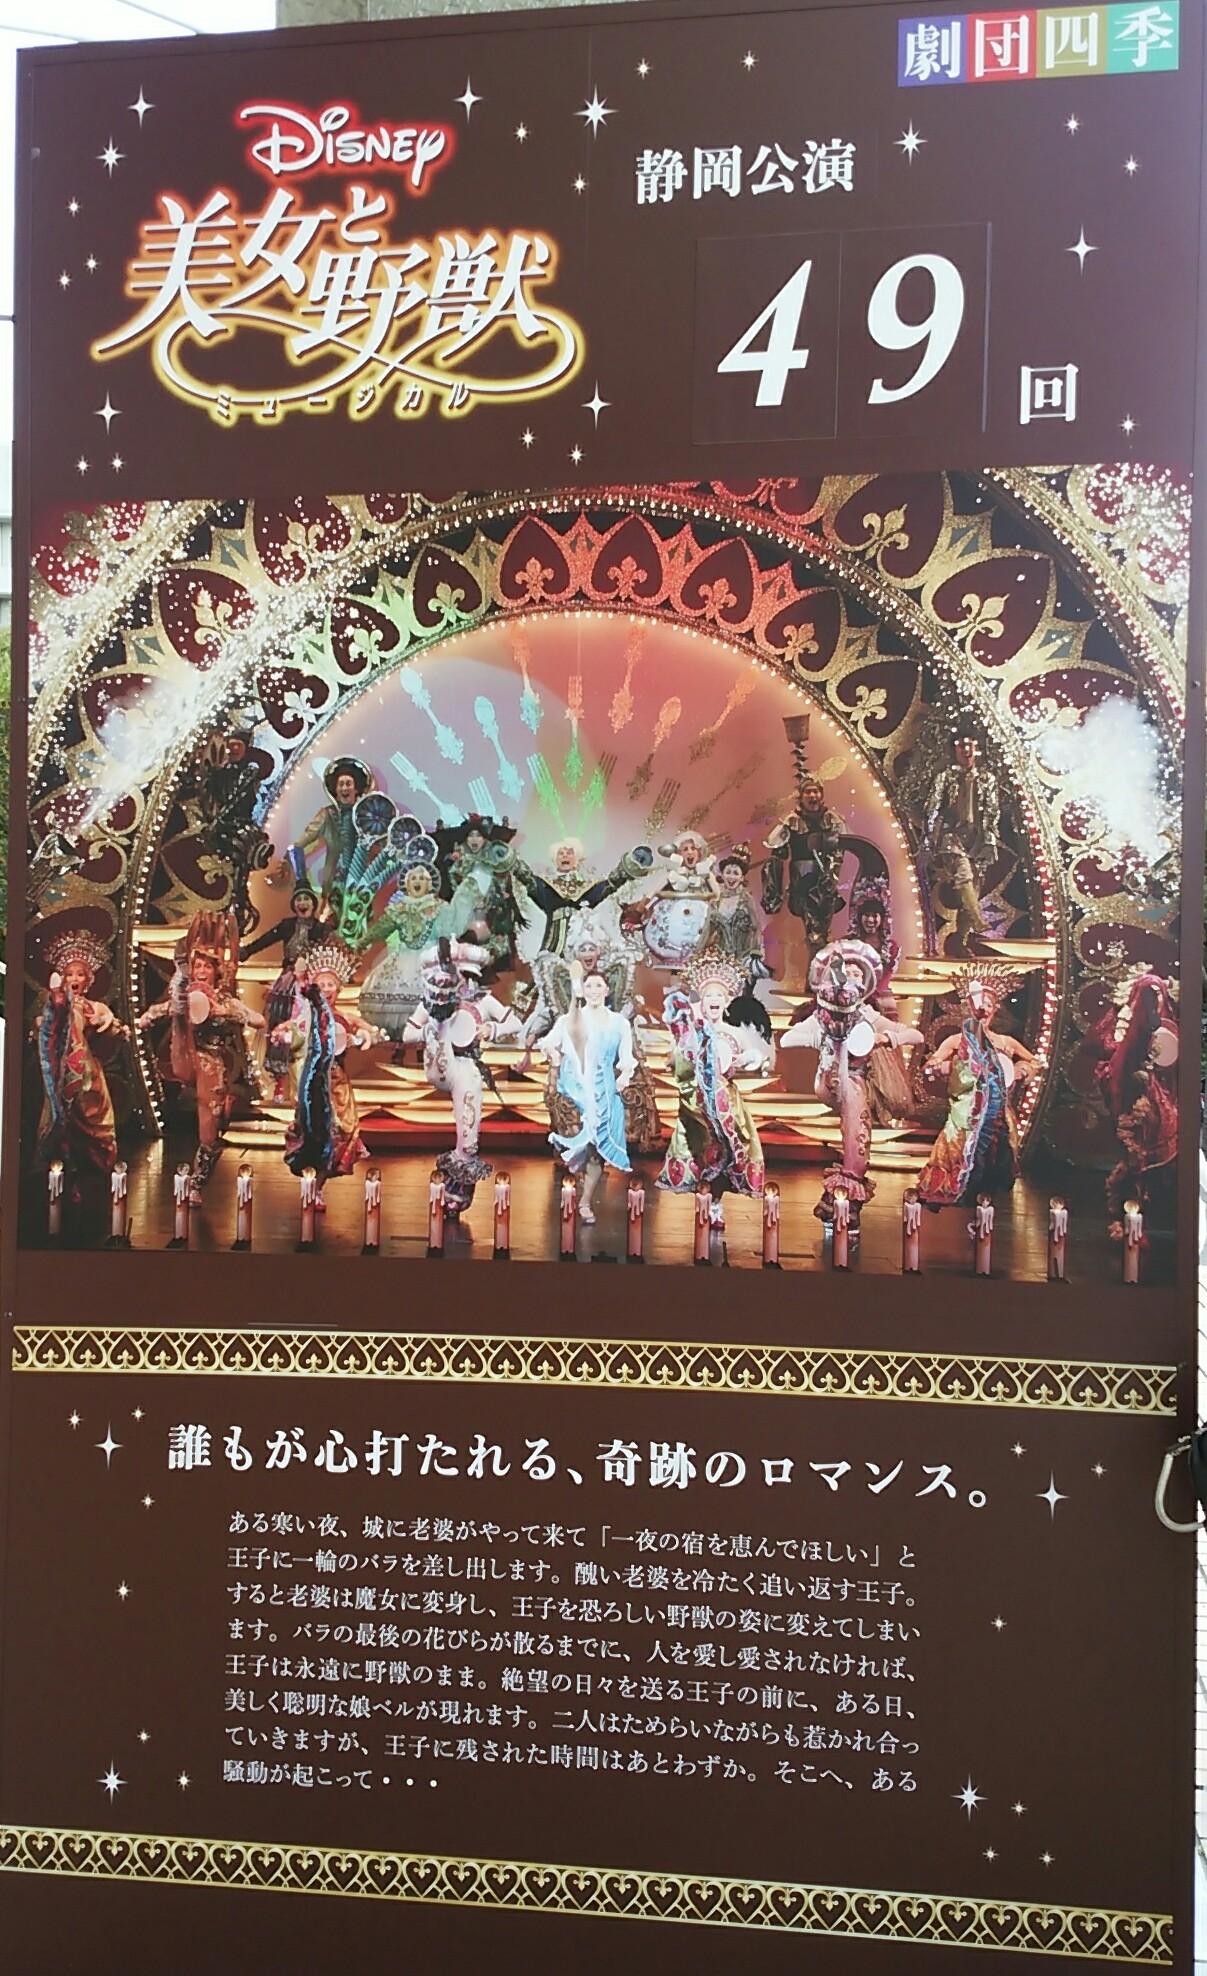 9/23劇団四季「美女と野獣」静岡公演